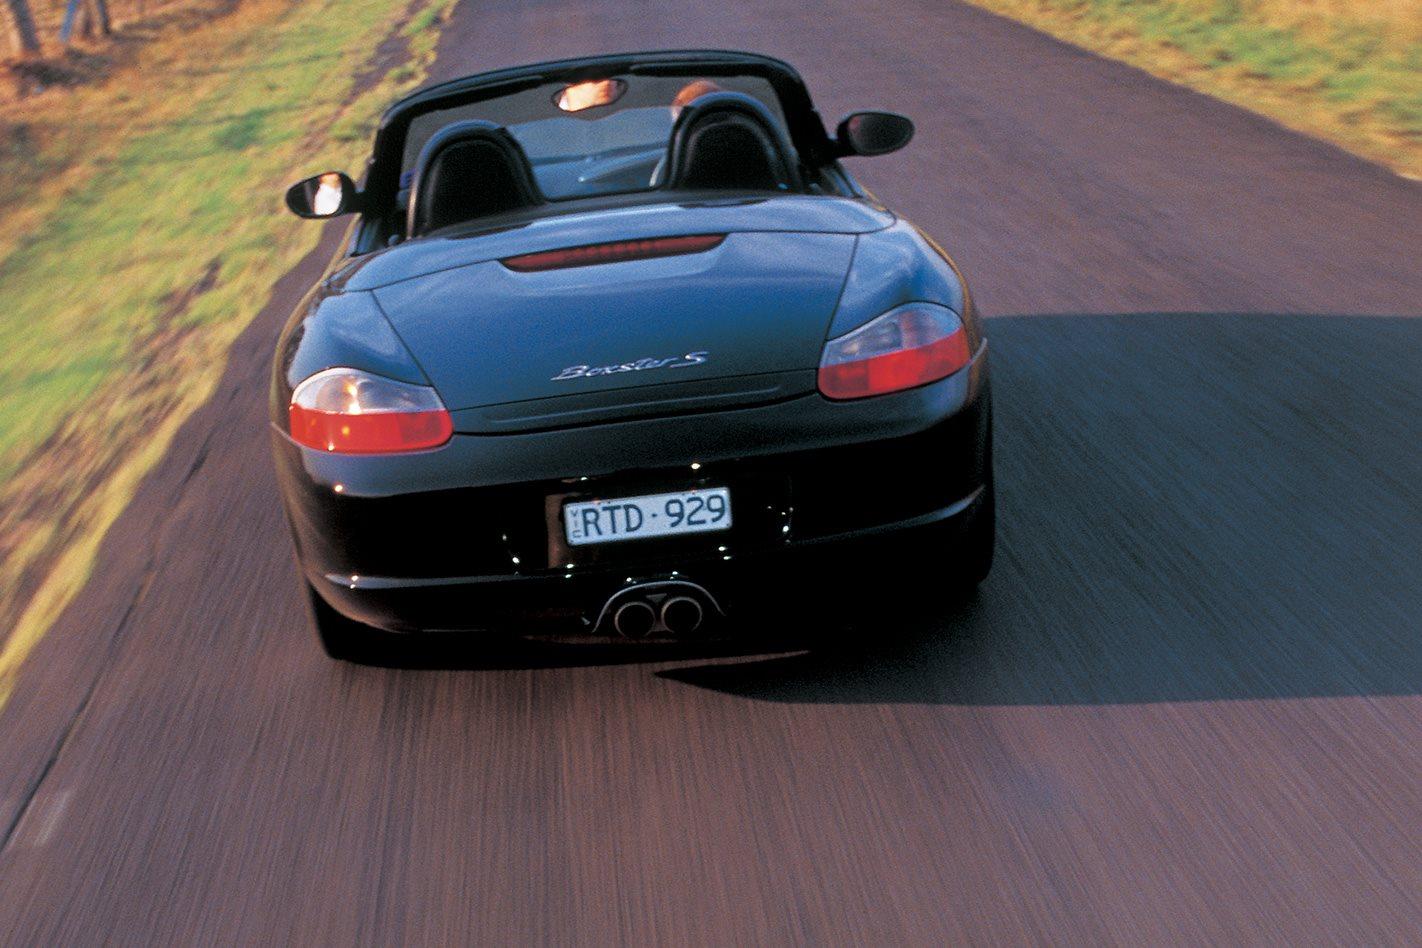 2003 Porsche Boxster S rear